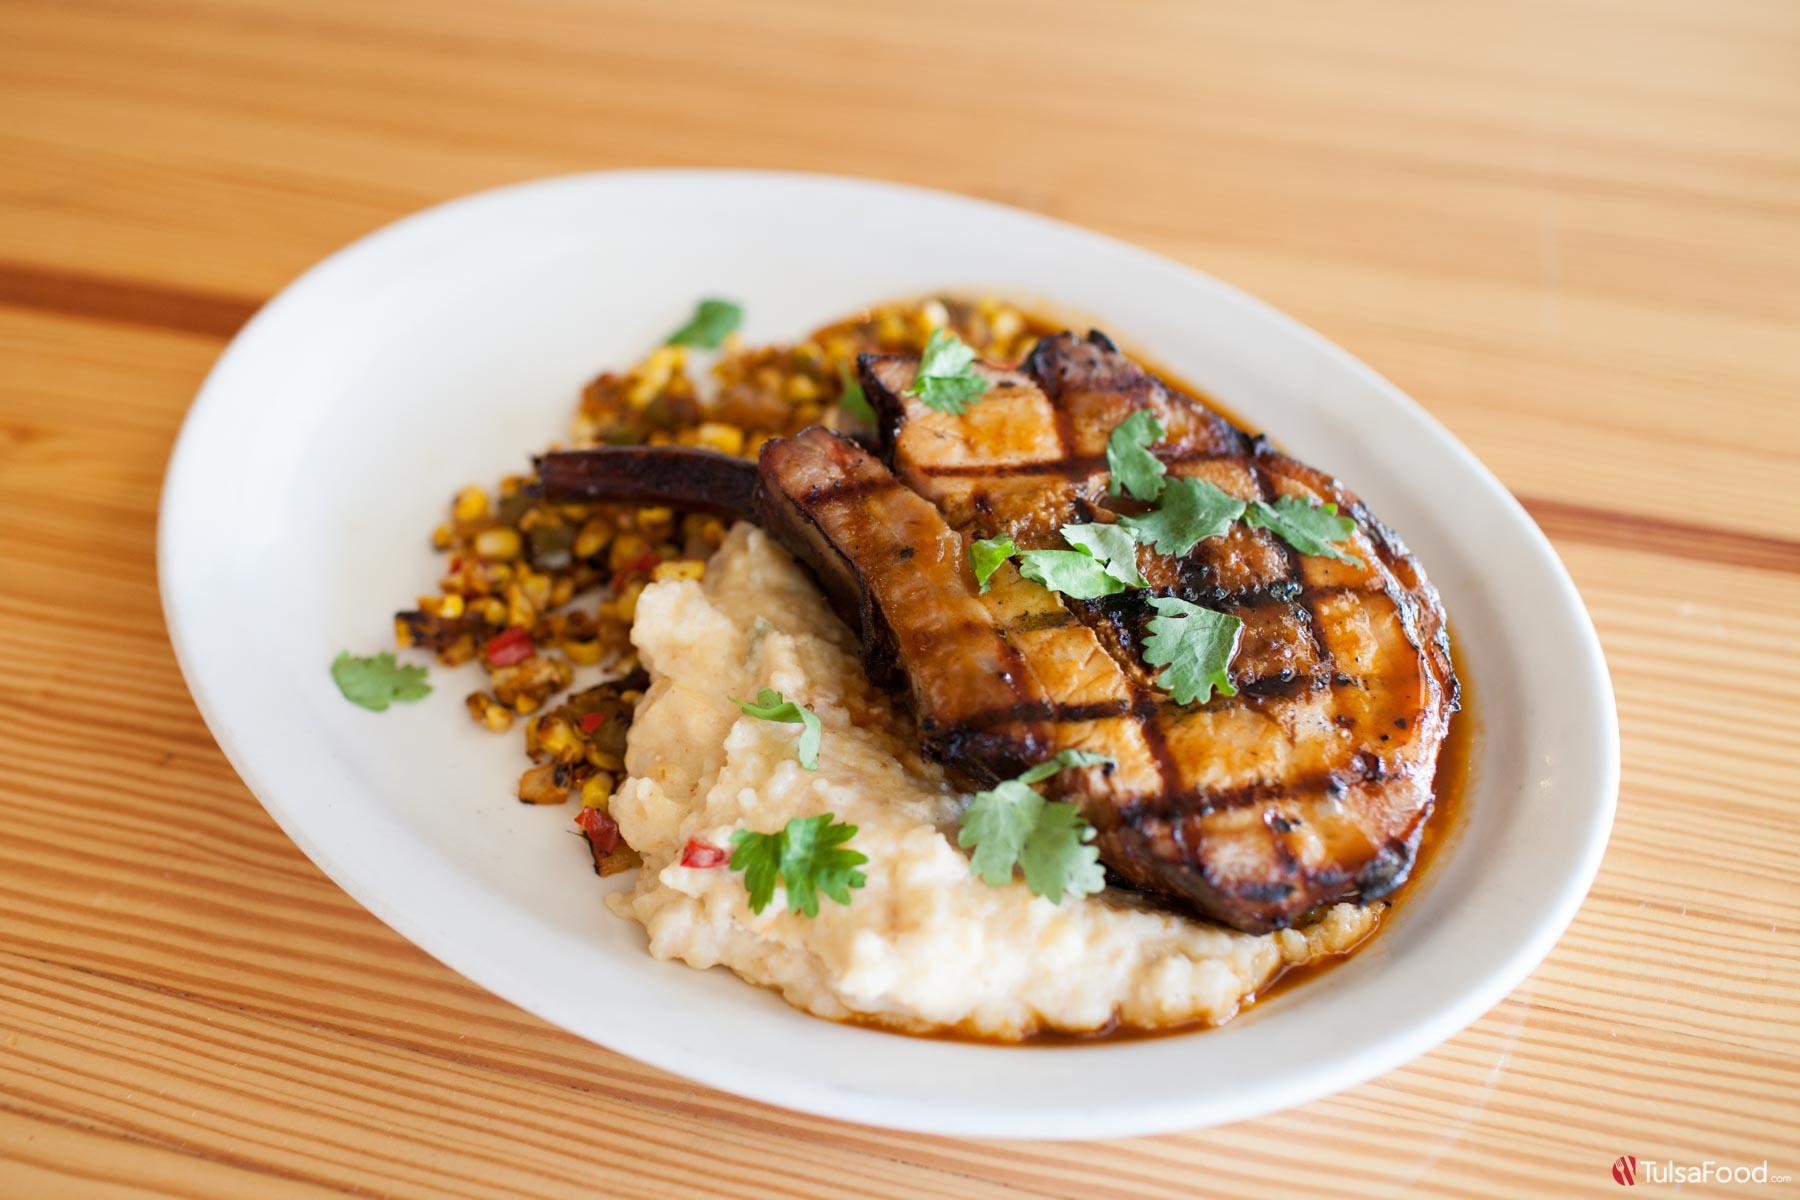 The New Franklins Pork Barrel Beefs Up The Rose District Tulsa Food